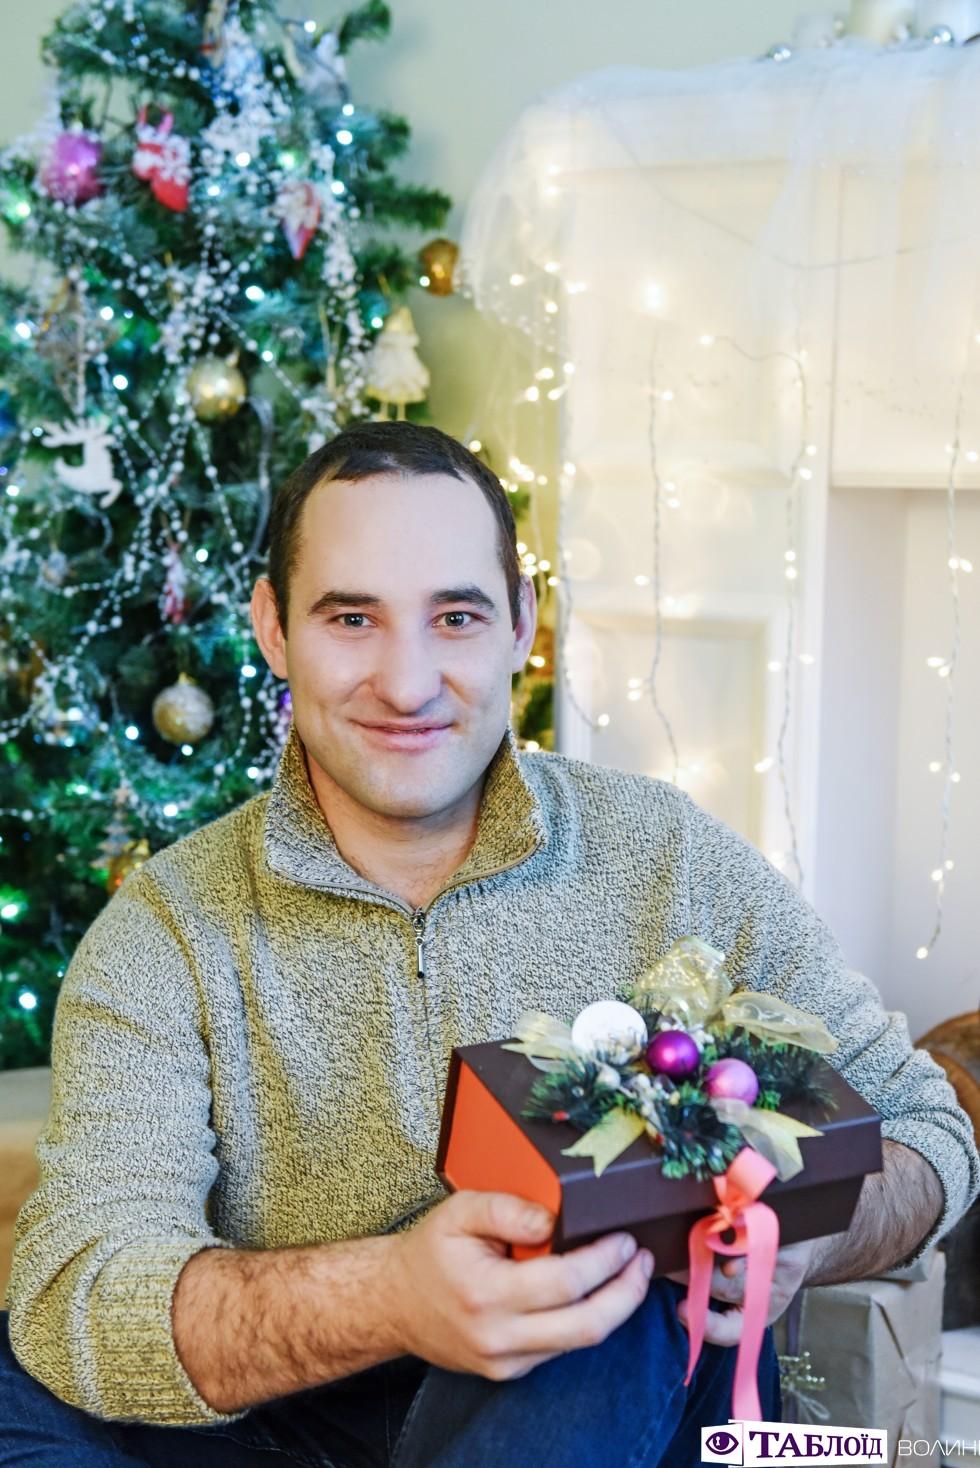 Ігор Денисевич, директор агенції медіа-технологій «СІД Інформ»